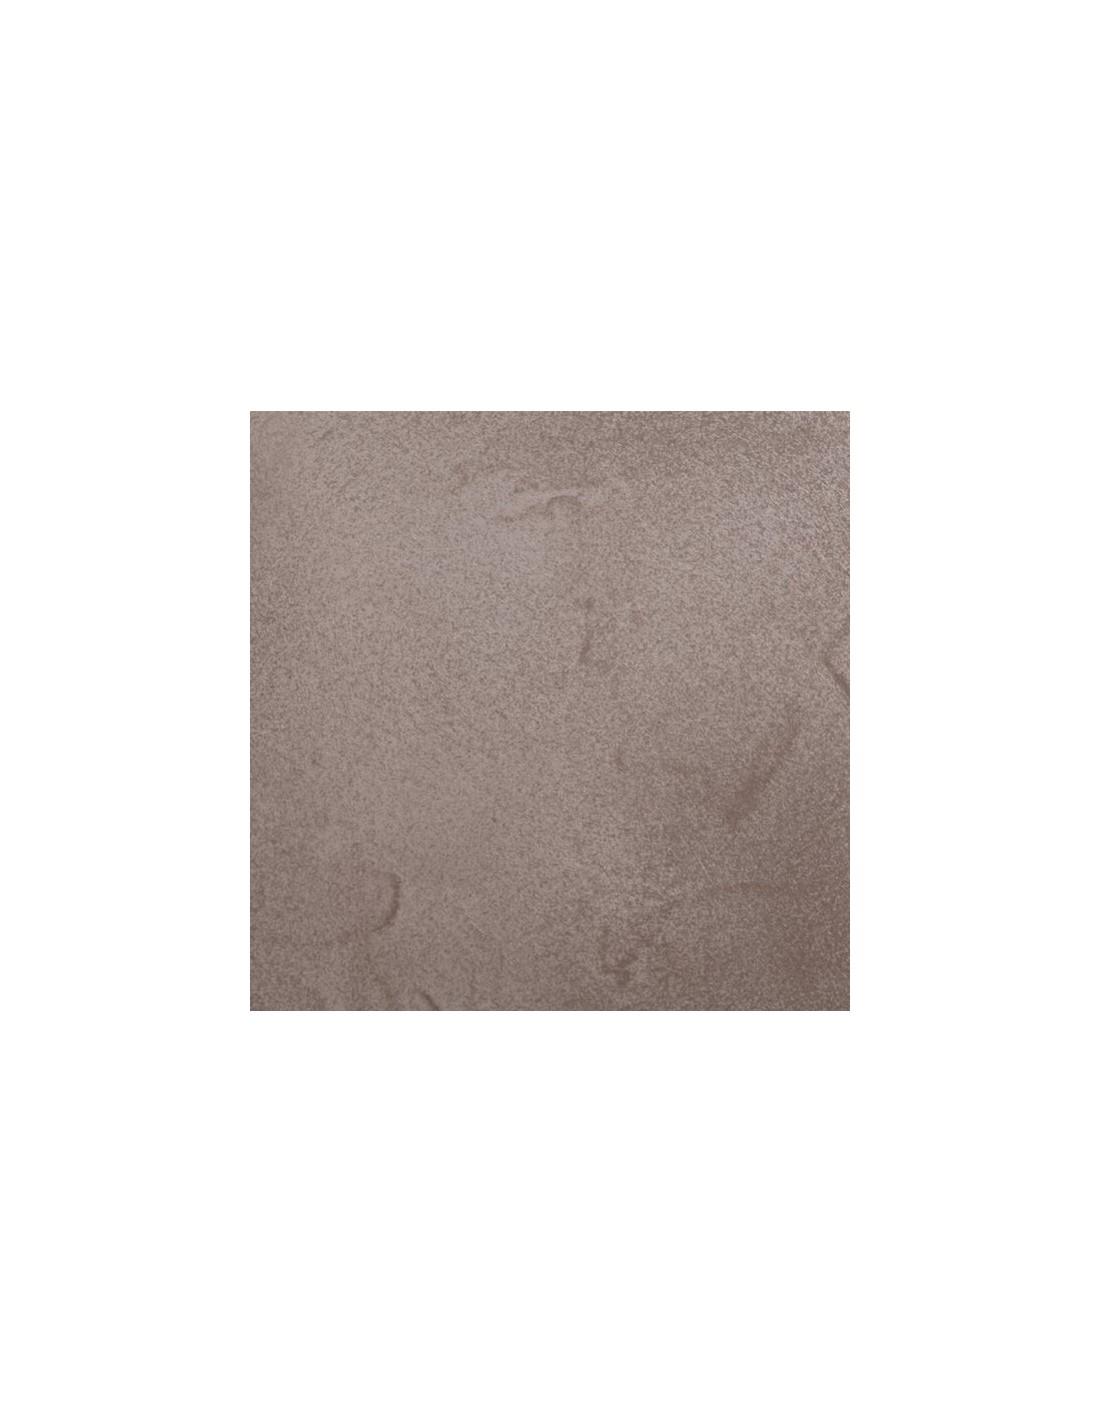 kit beton cire pour salle de bain beton cire pour douche enduit beton pour salle de bain ibeton couleur 10 smoky support beton brut regulier